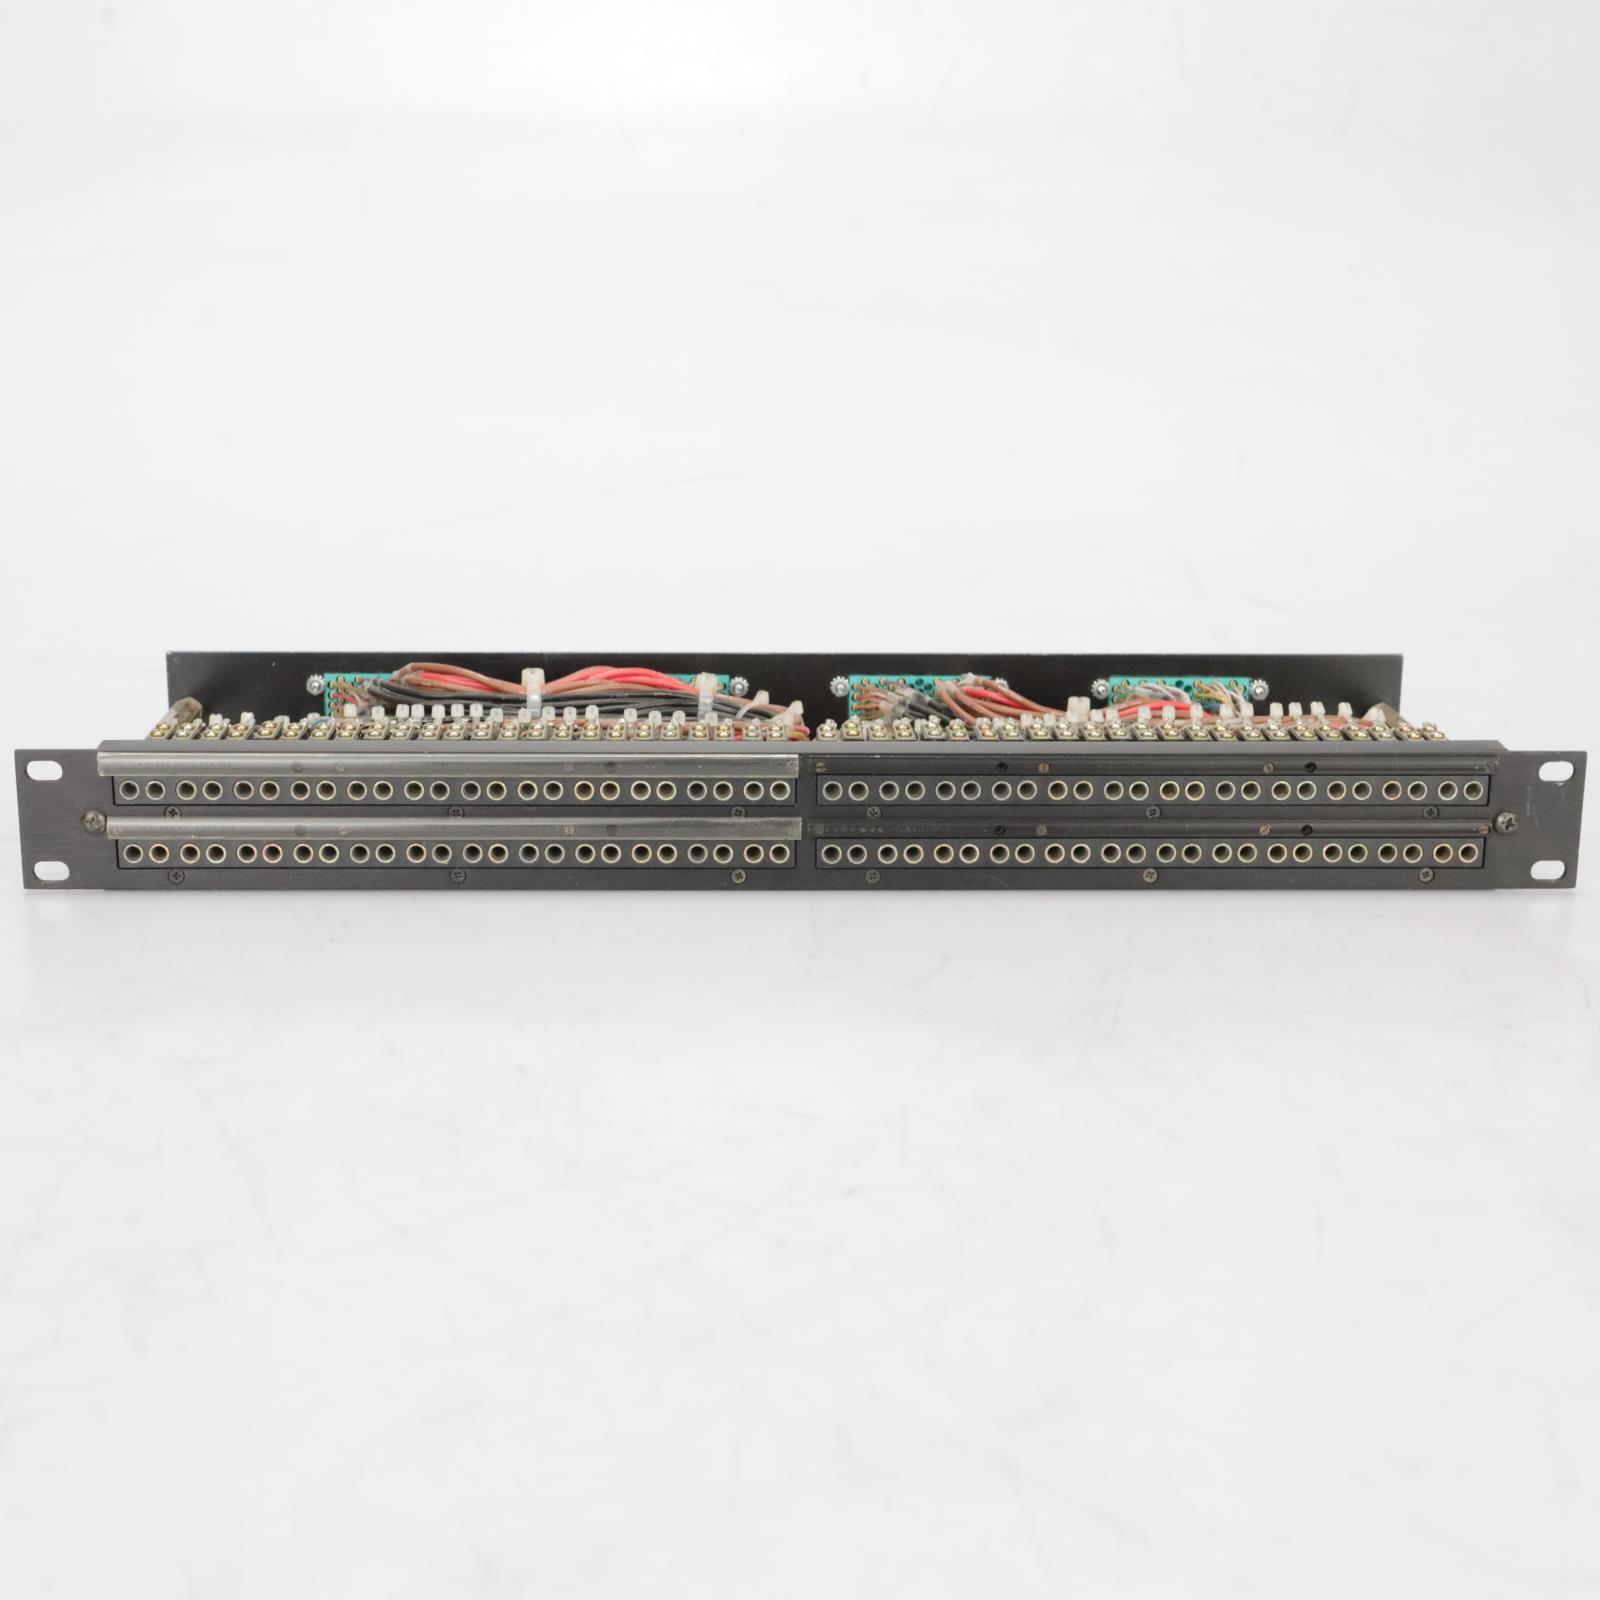 Switchcraft 96-point TT Patchbay Elco Mogami DB25 TRS XLR Snakes #37869